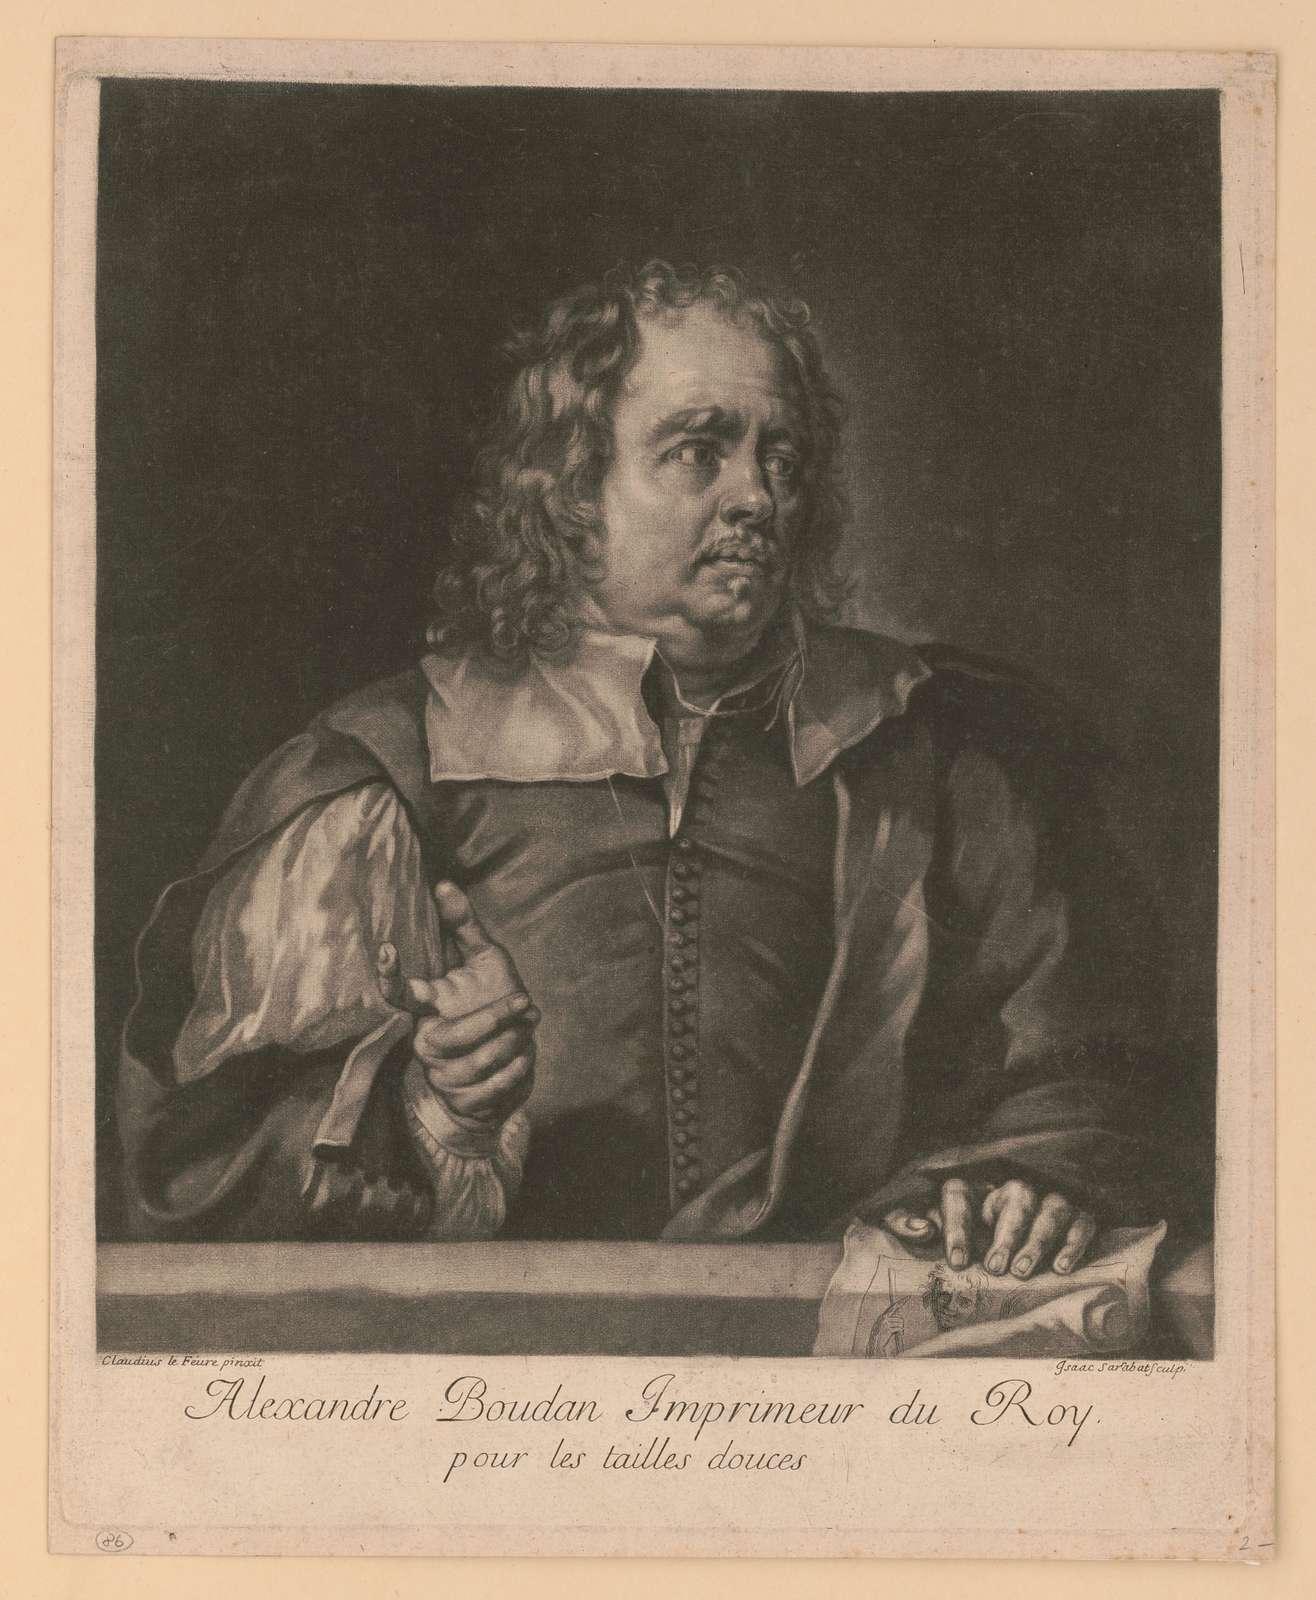 Alexandre Boudan imprimeur du roy, pour les tailles douces Claudius le Féure pinxit ; Isaac Sarrabat sculp